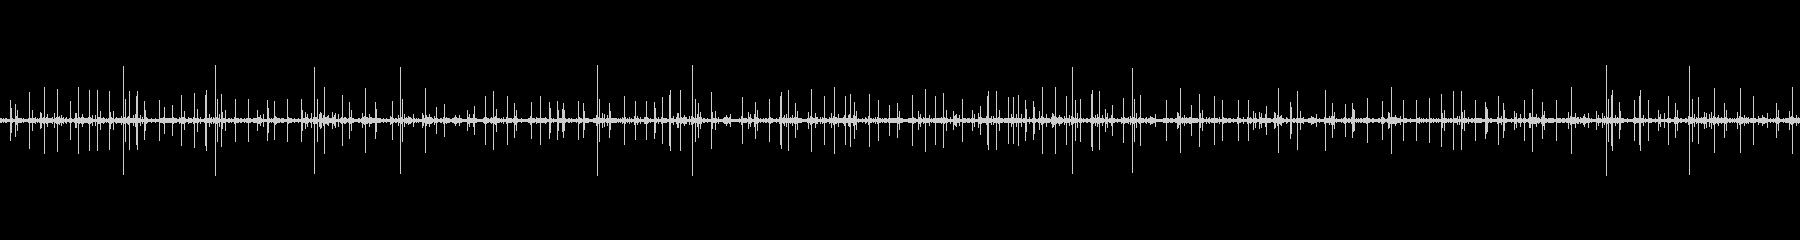 レコードノイズ Lofi ヴァイナル09の未再生の波形